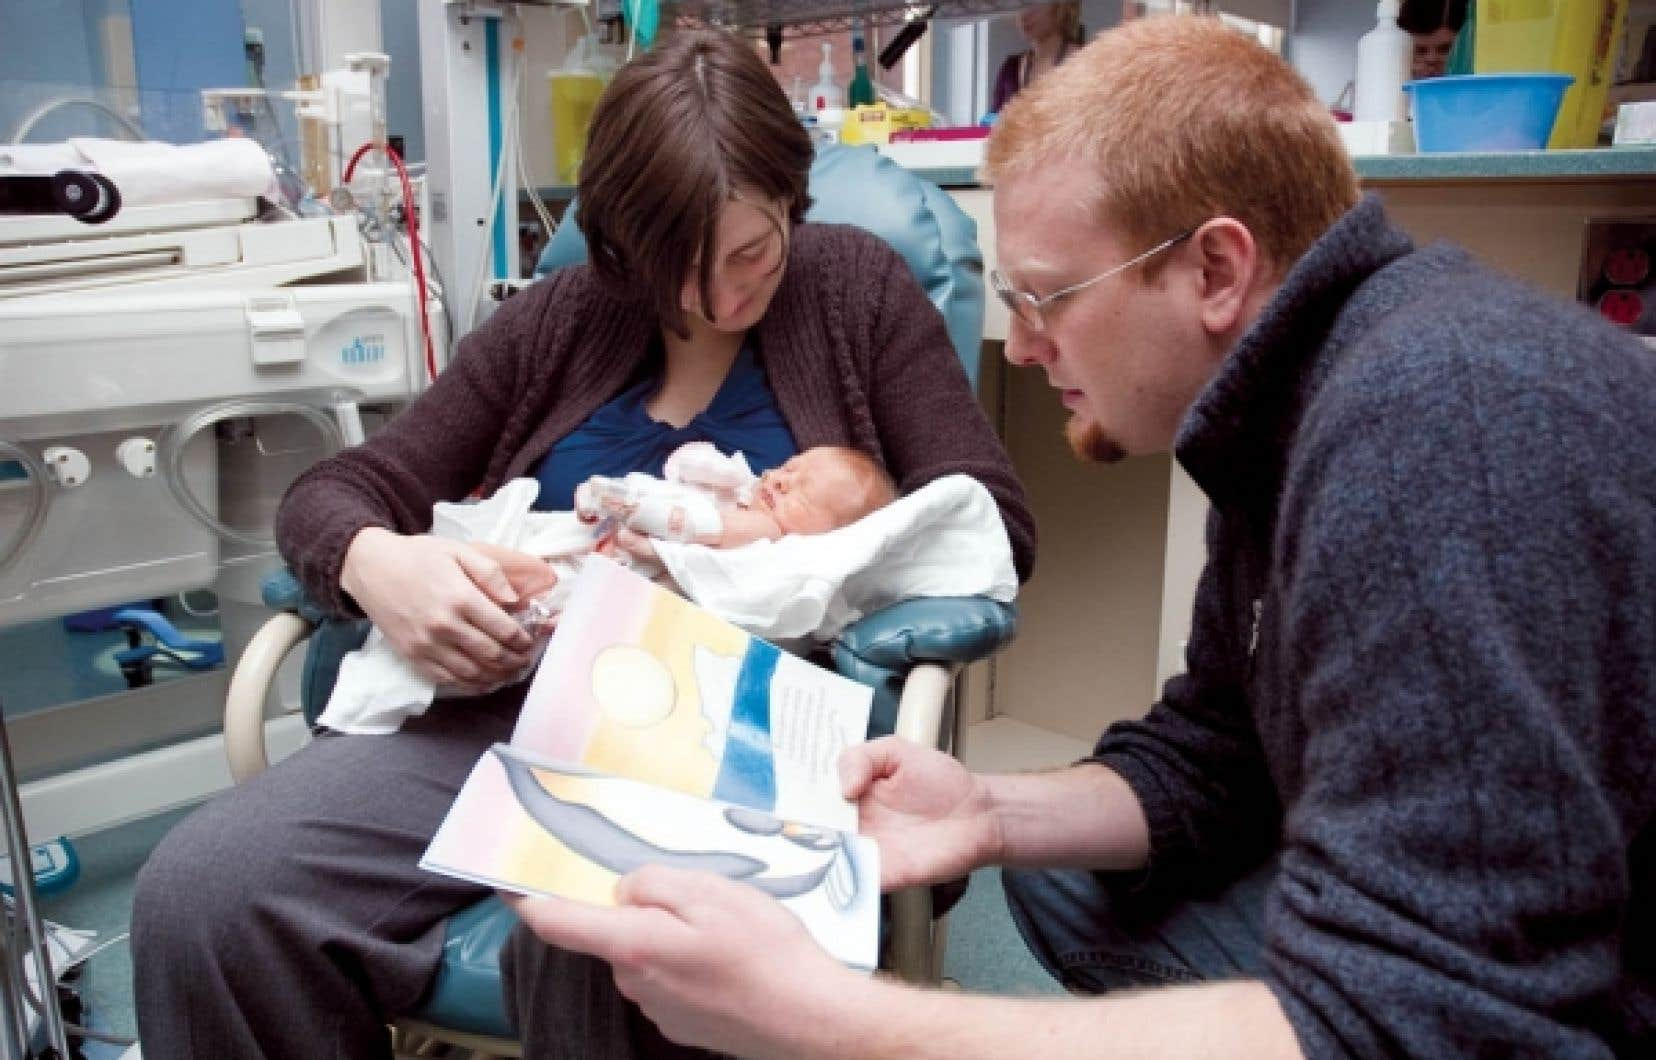 Adeline en compagnie de son conjoint Jean-François, qui fait la lecture à leur nouveau-né.<br />